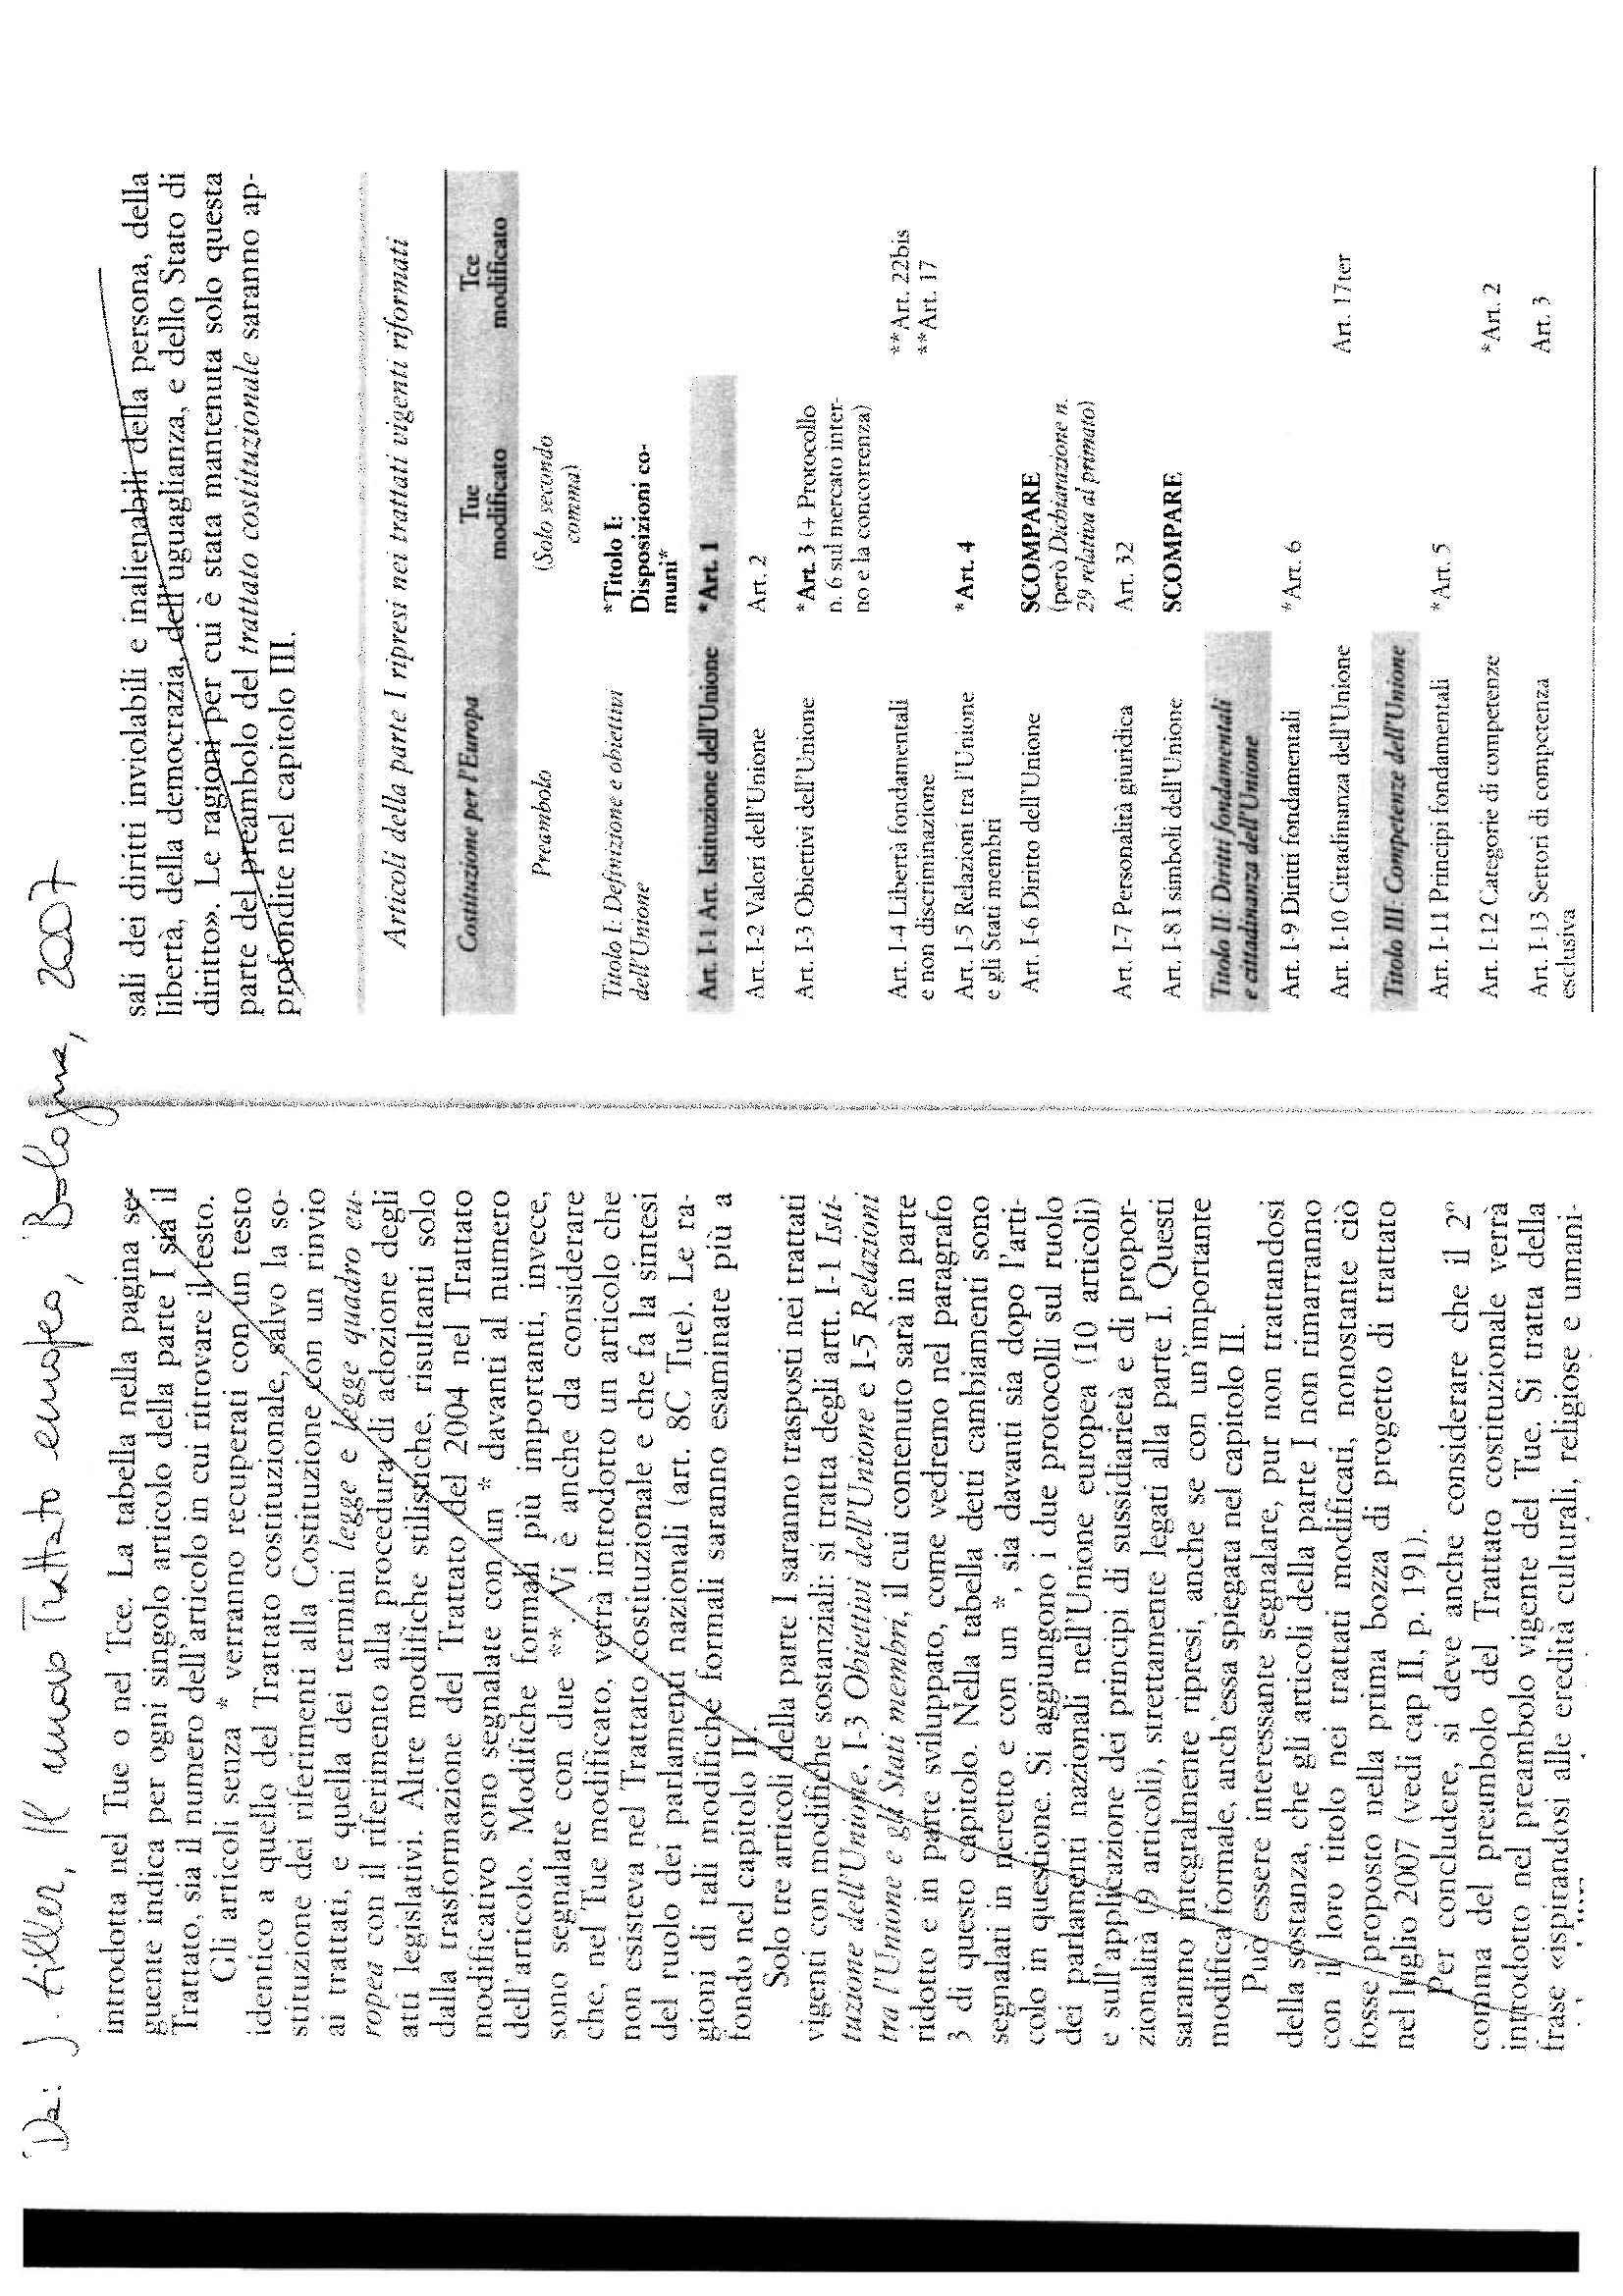 Trattato di Lisbona - Tabella di corrispondenza